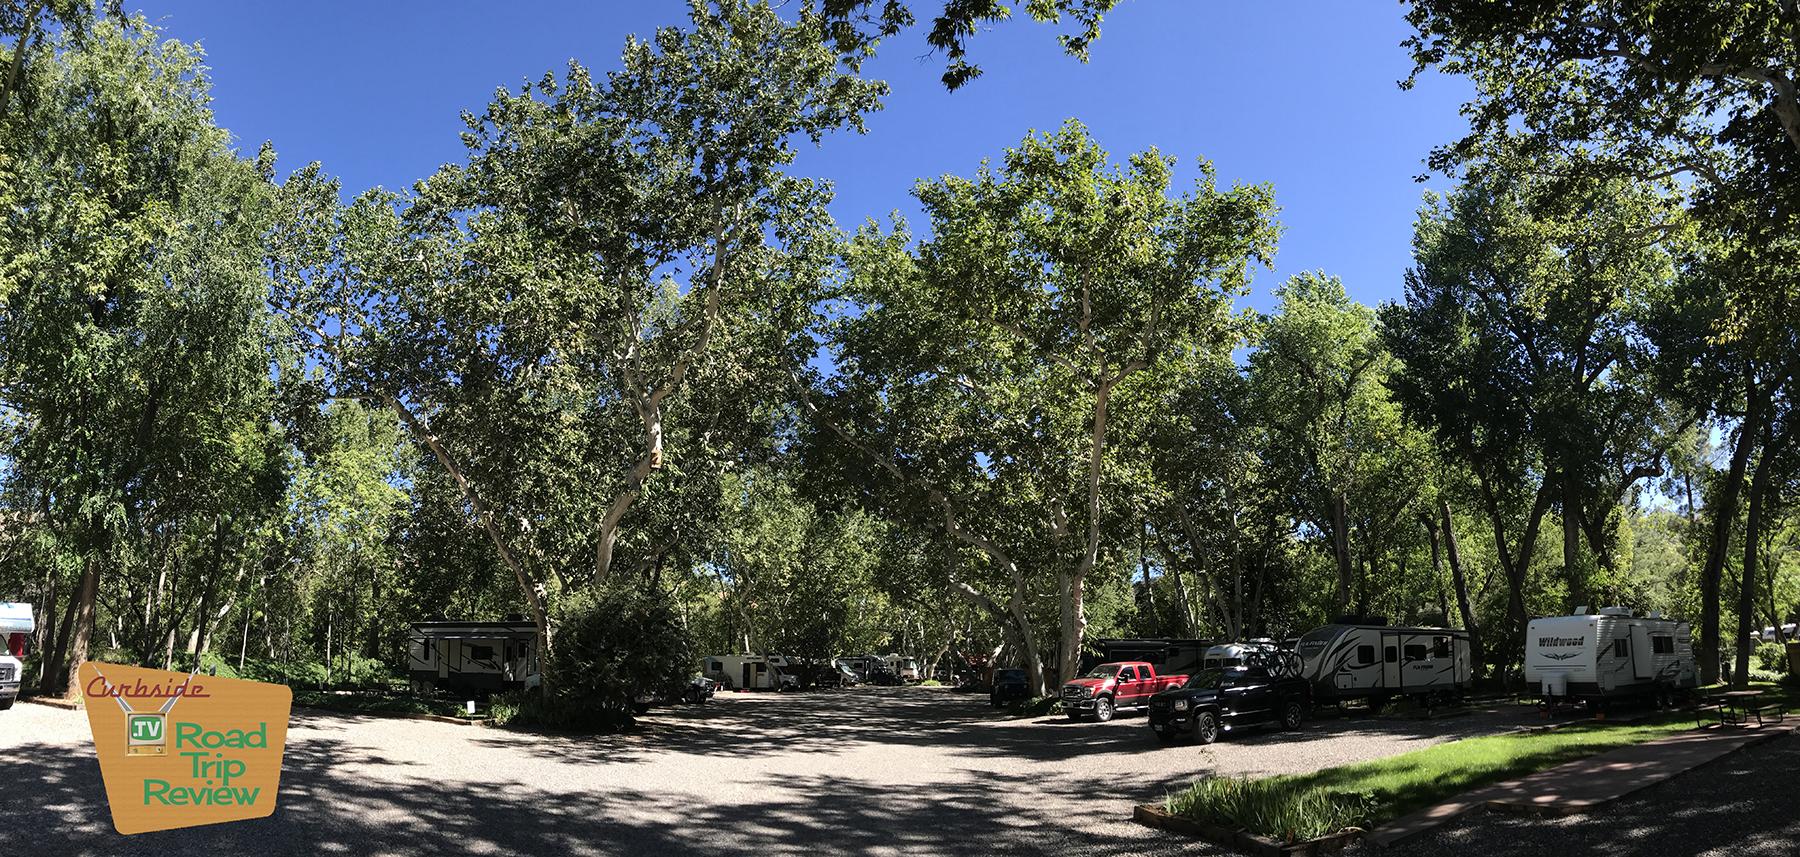 Rancho Sedona RV park in Sedona, Arizona